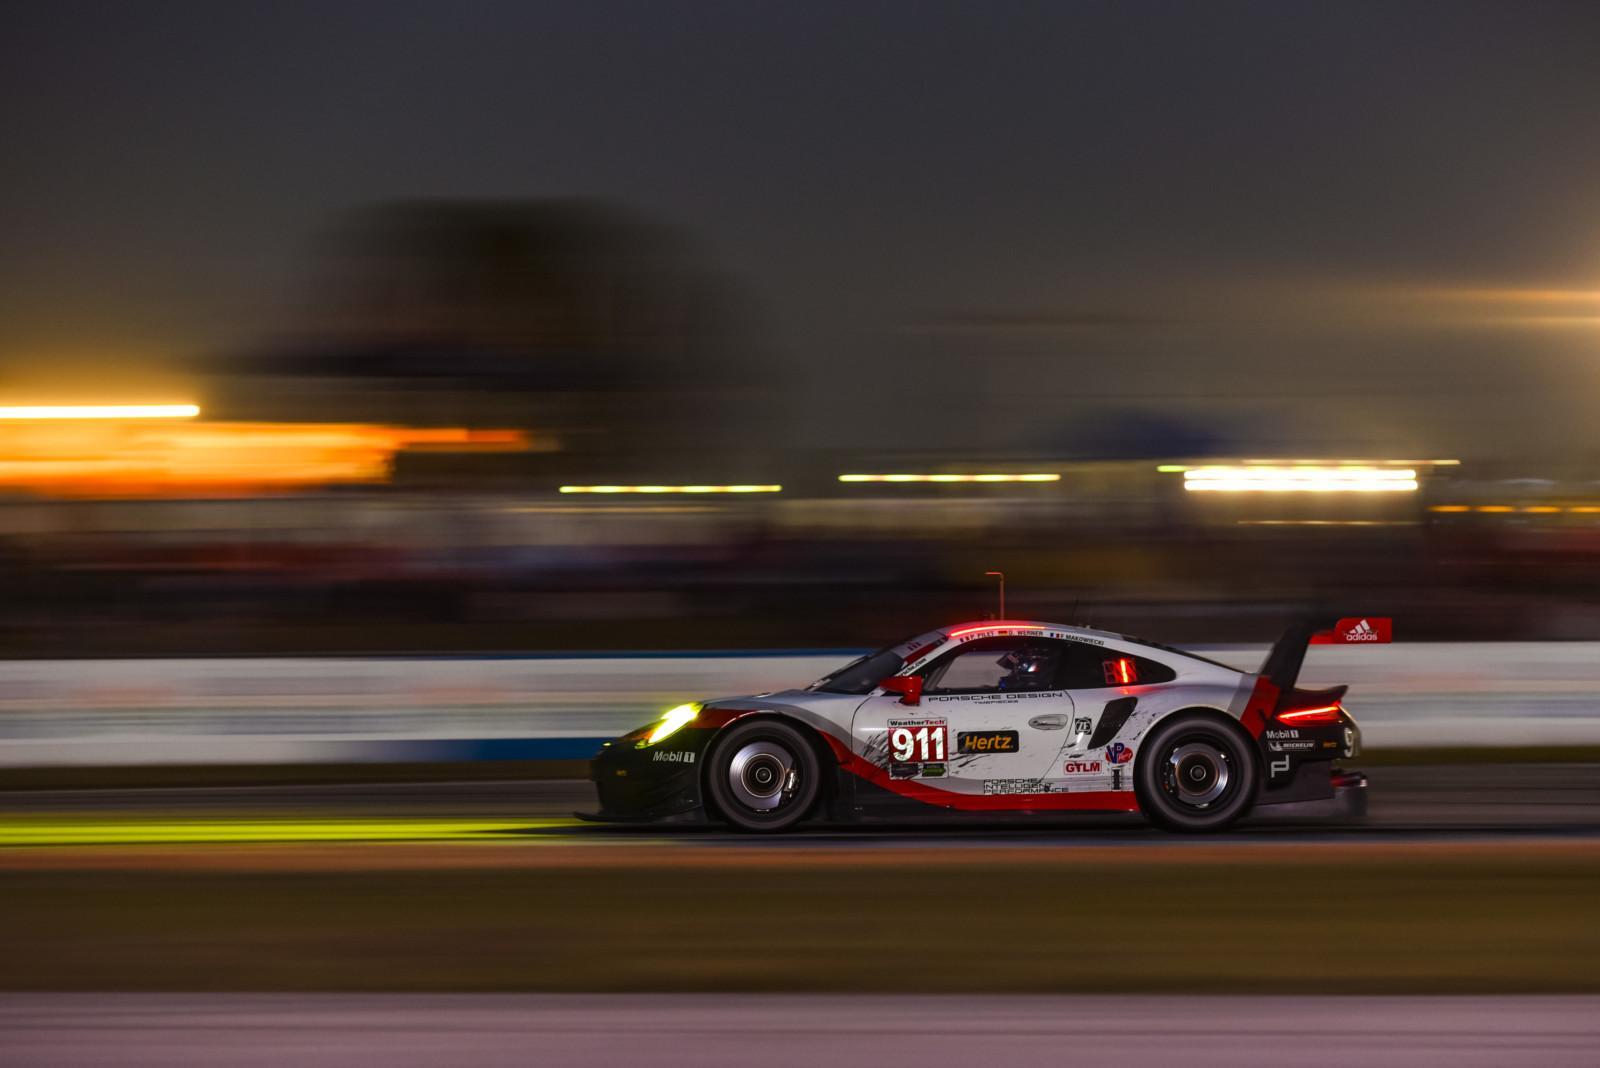 M17 0653 fine - La malchance prive Porsche du podium aux 12 heures de Sebring